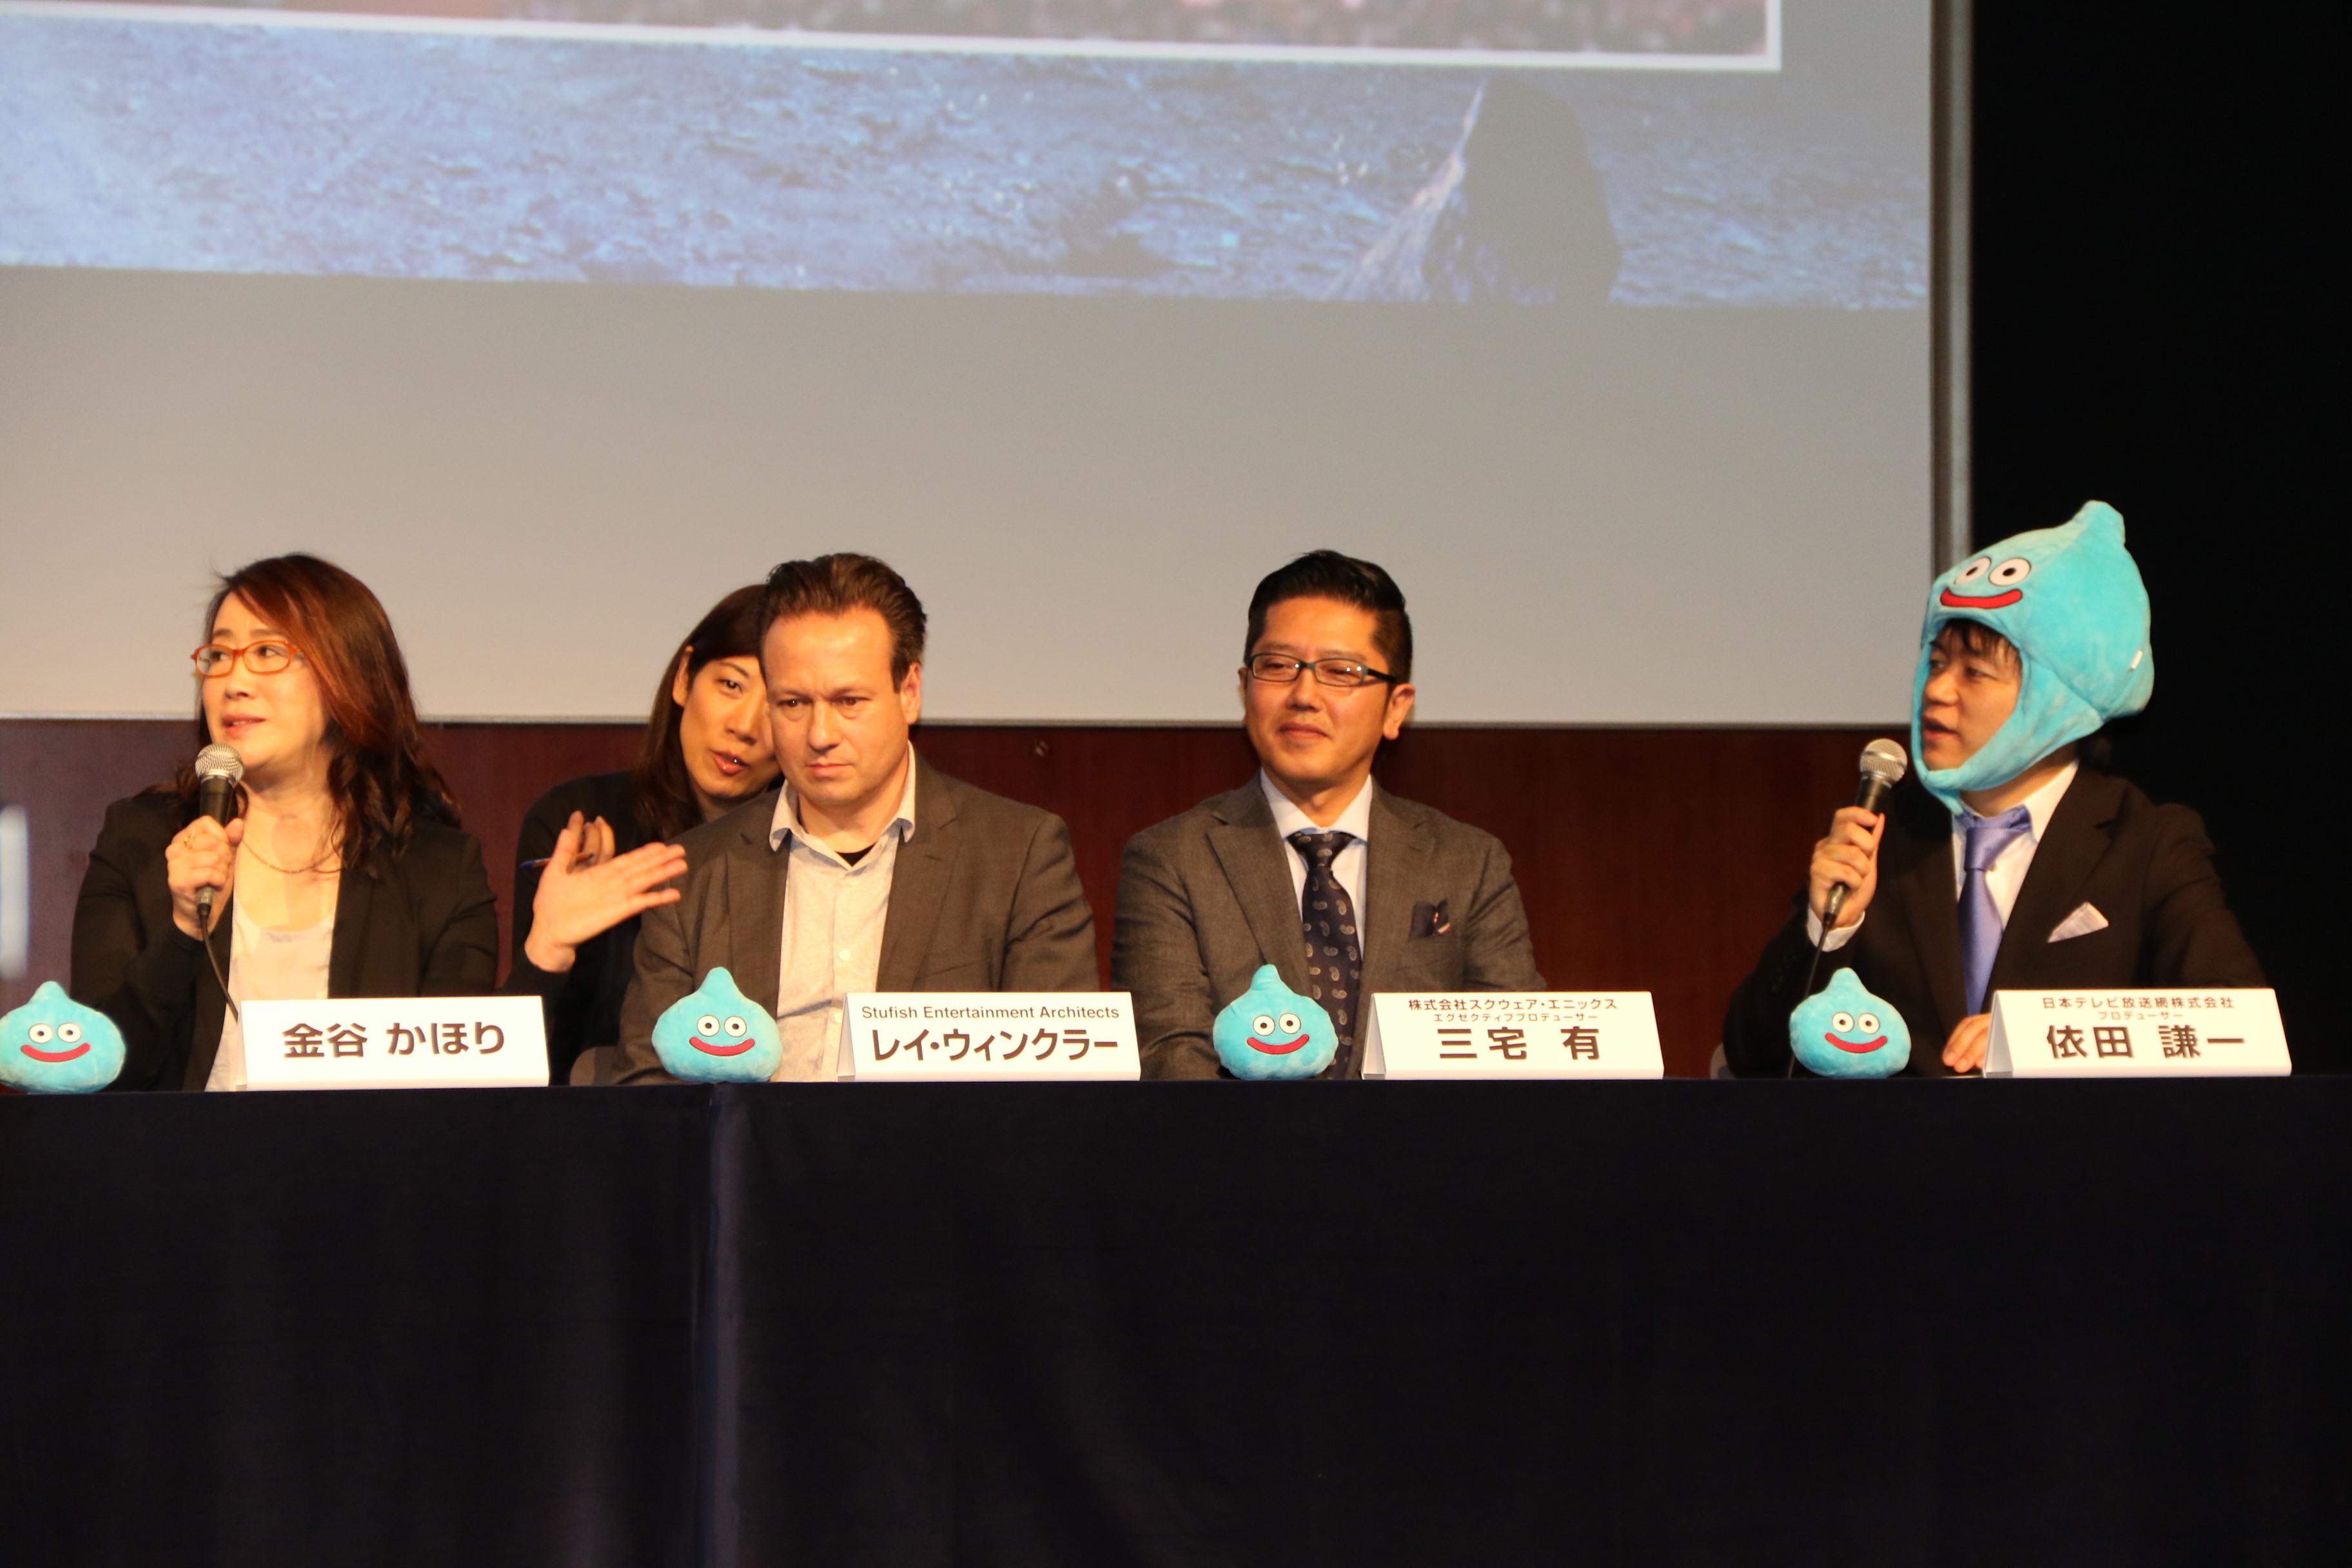 (左から)金谷かほり・レイ・ウィンクラー・三宅 有・依田謙一